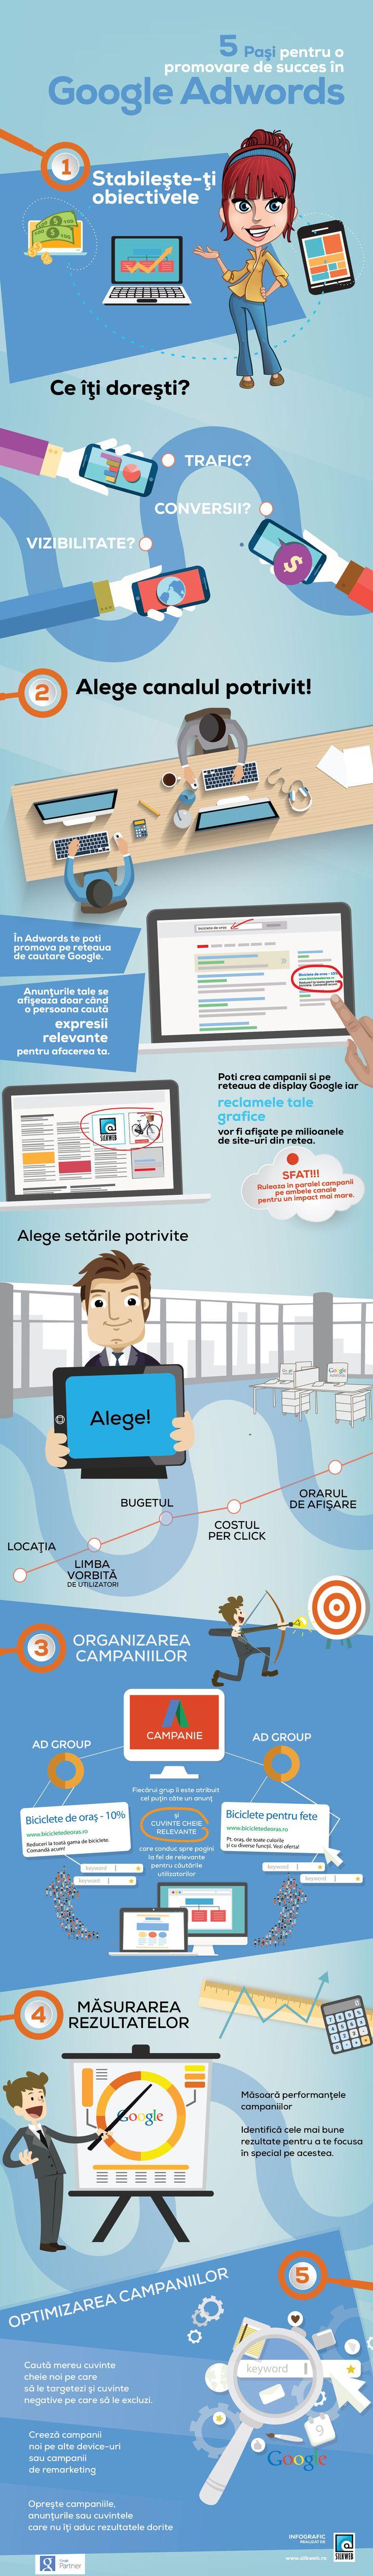 5 pasi pentru o promovare de succes in Google Adwords. Realizat de SilkWeb